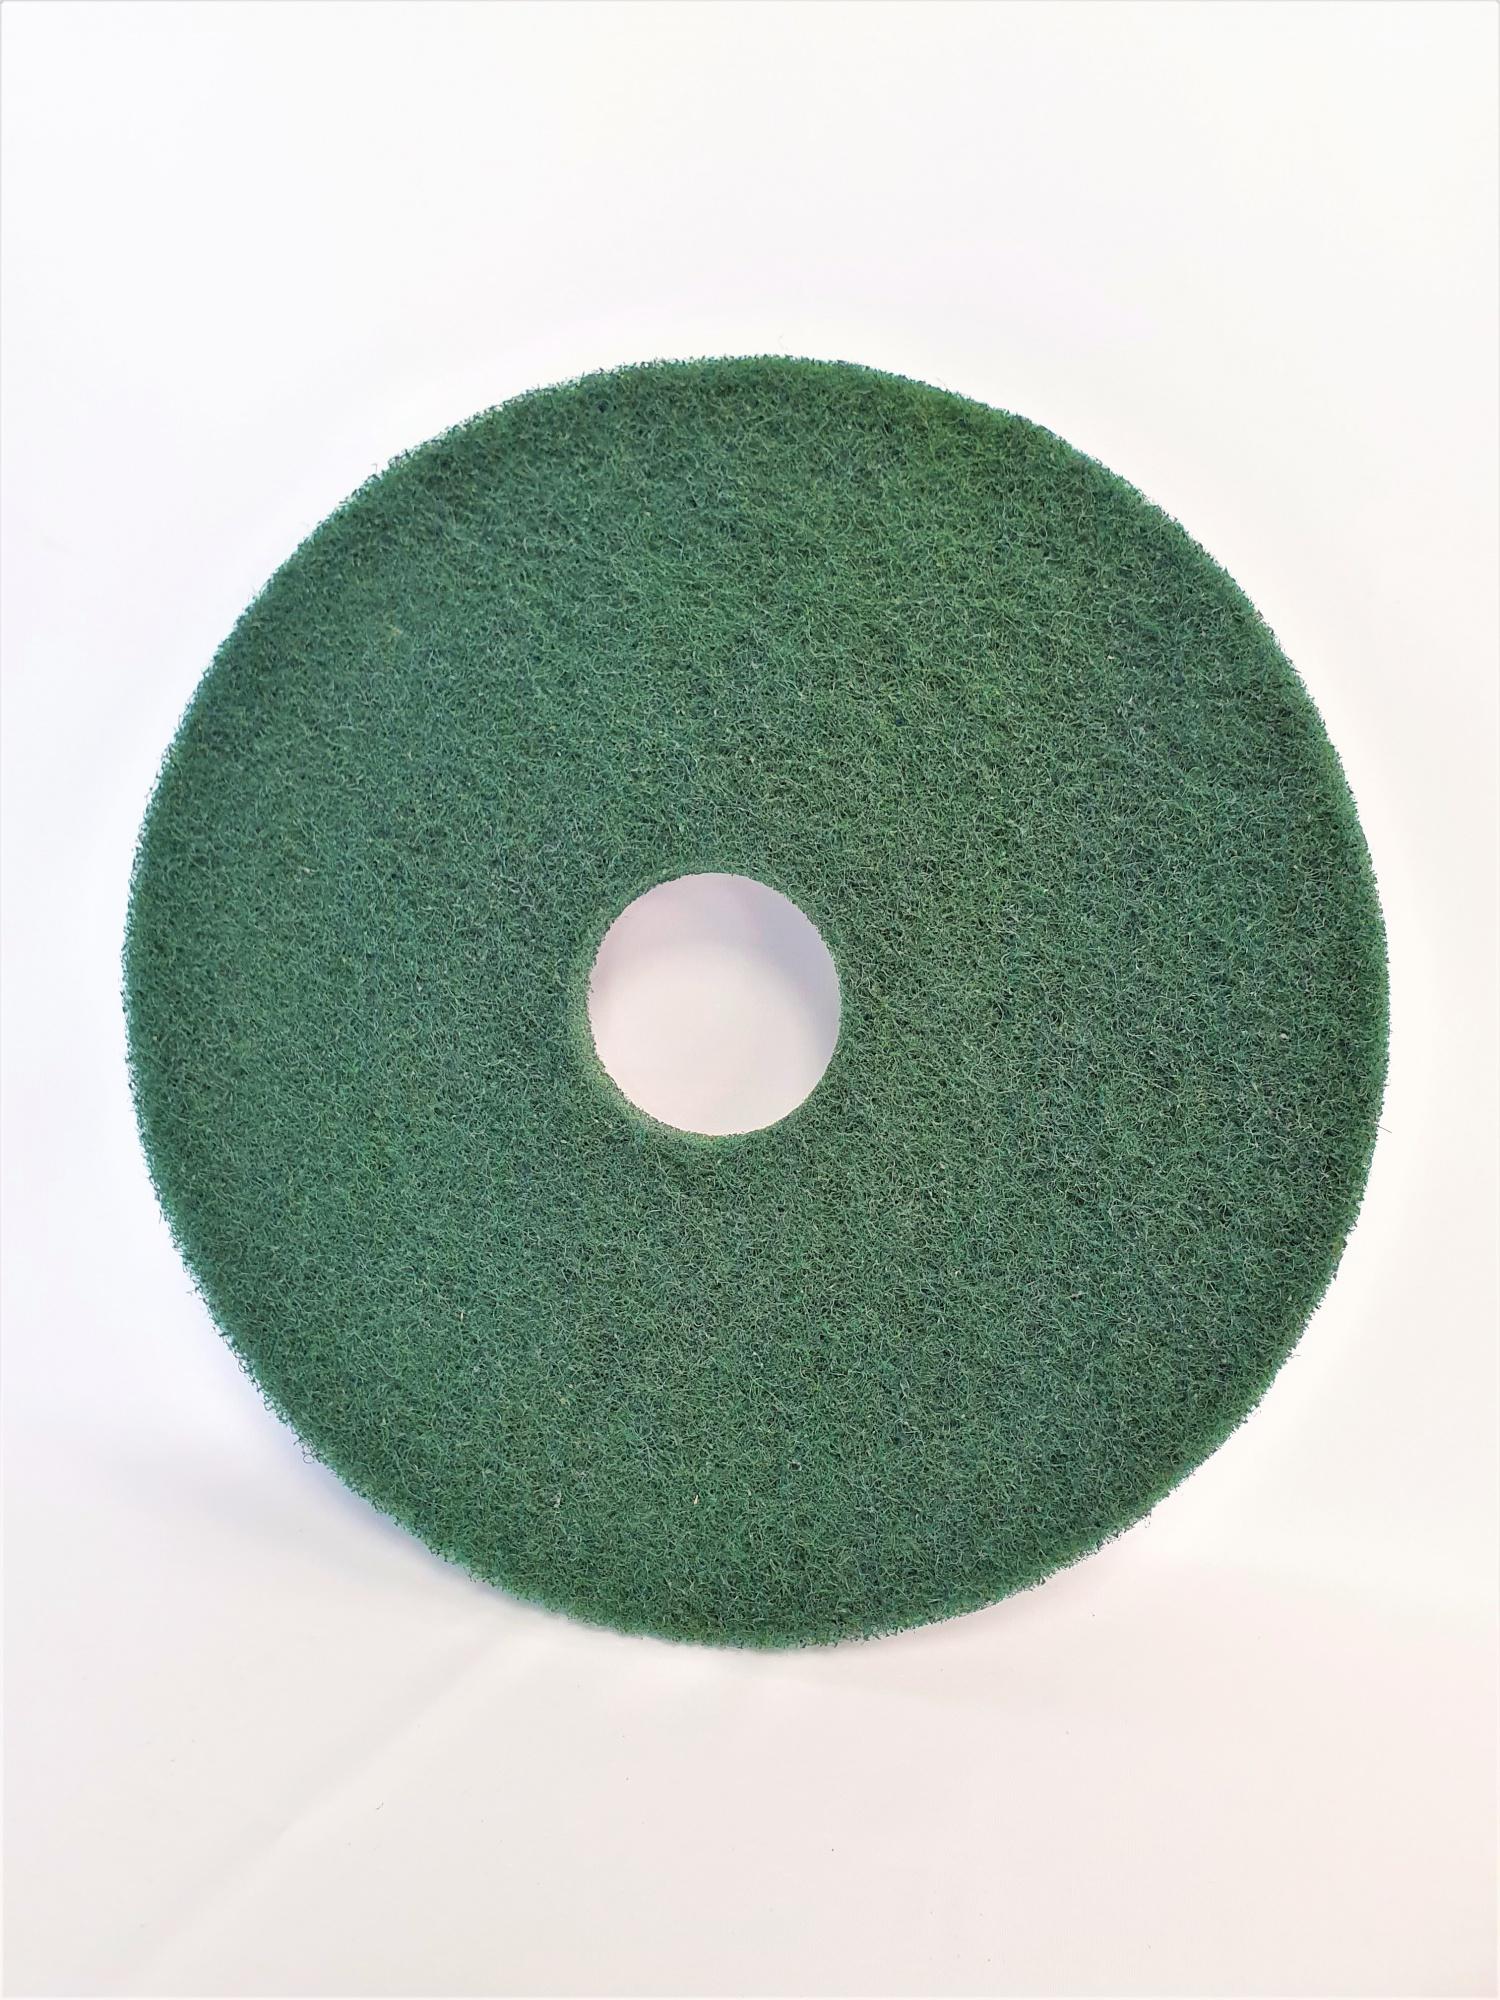 Disques verts 305 mm pour Autolaveuse RCM KILO 612